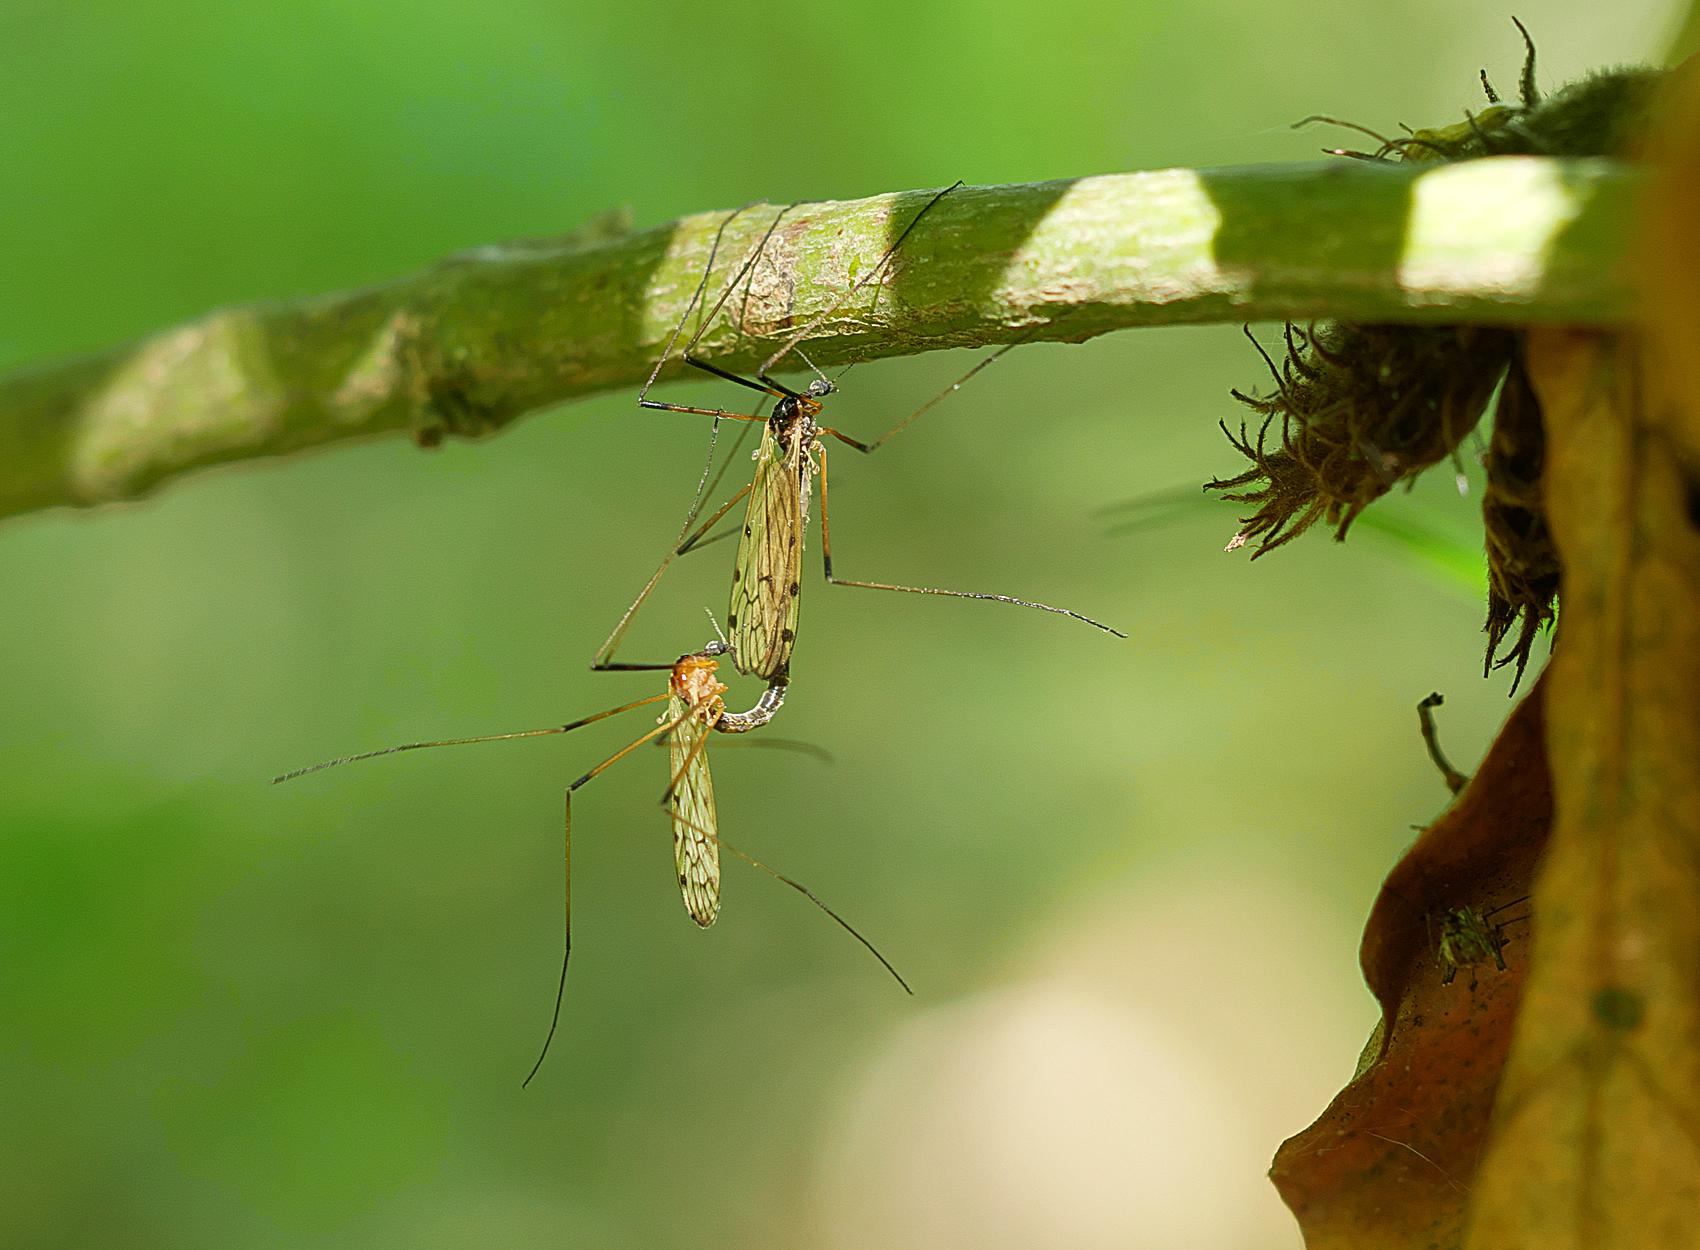 Stelzmücken (Limnophila schranki)